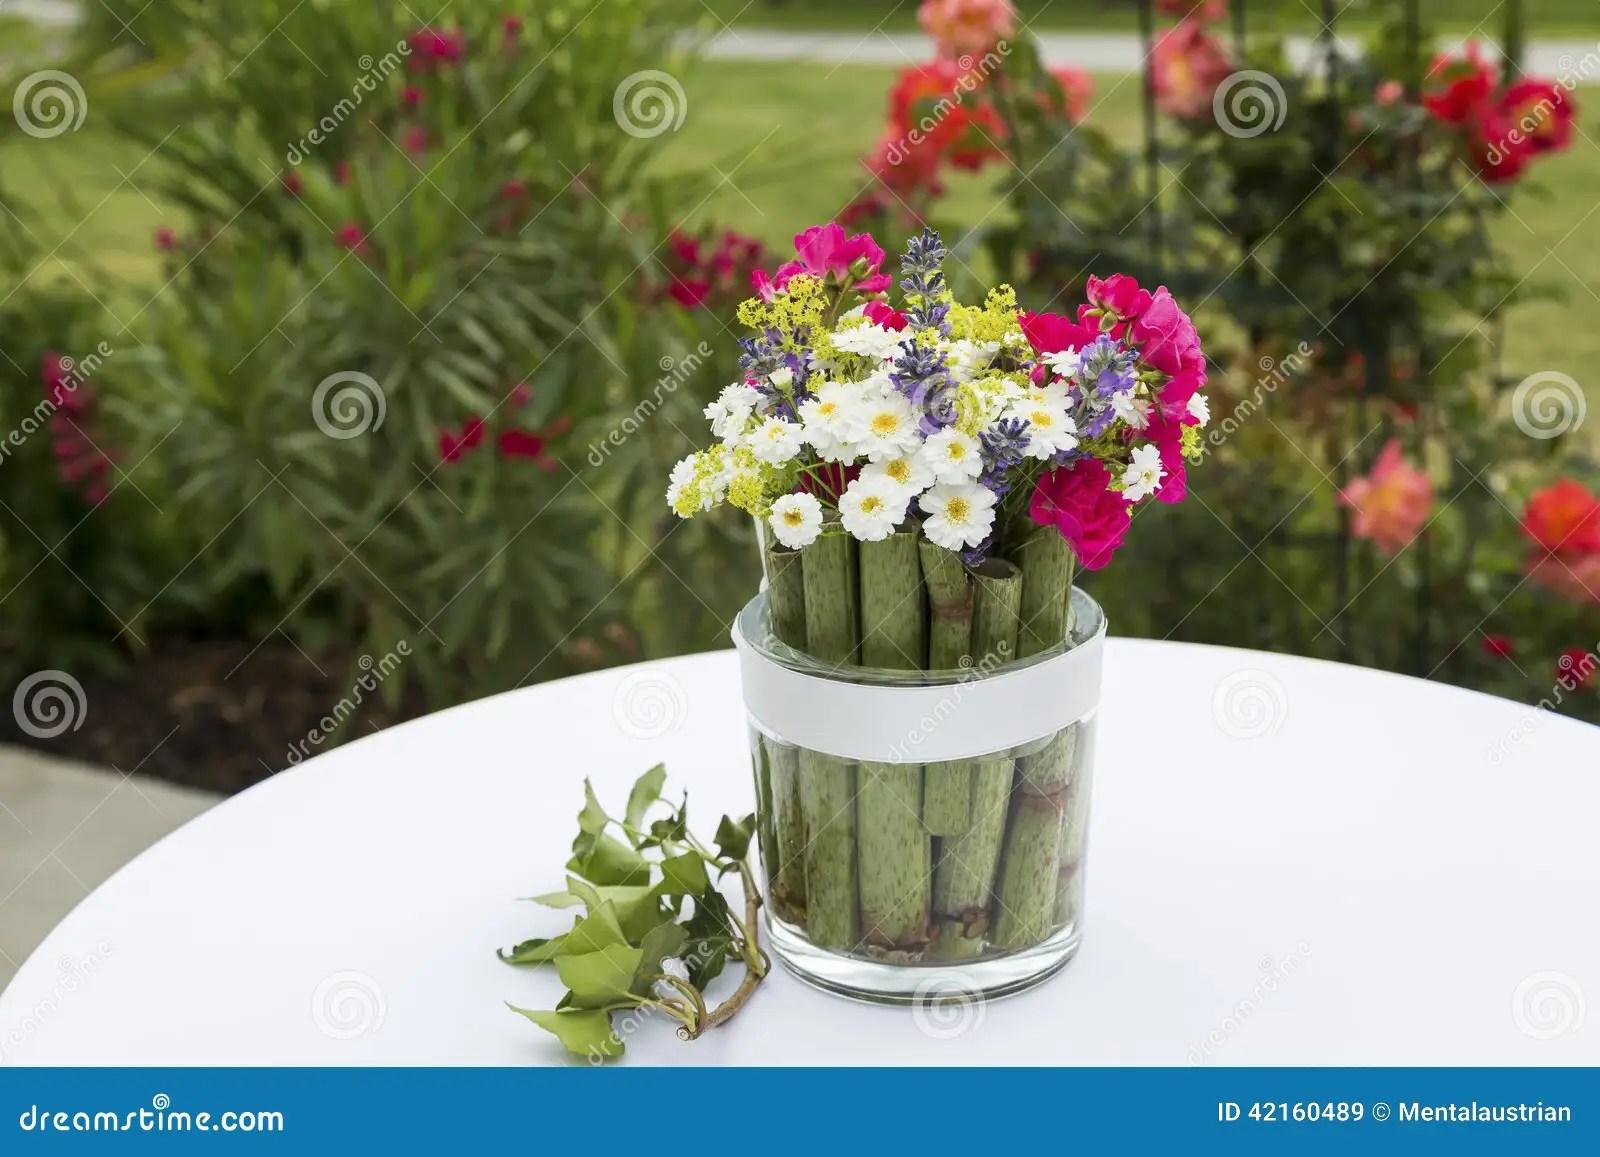 Blumen Im Glas Deko Blumen Deko Blumen Im Glas Frhlingsdeko Im Glas 35